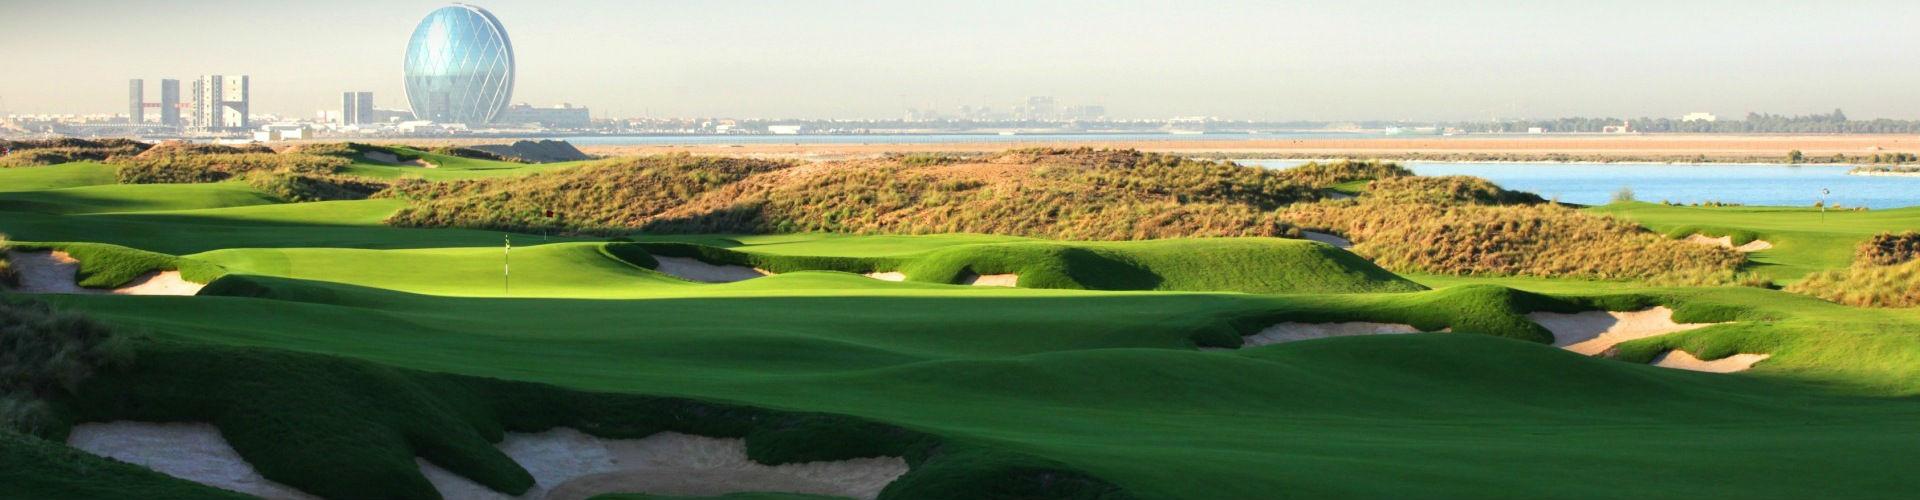 Golfresor Förenade Arabemiraten - golfreseguiden.se